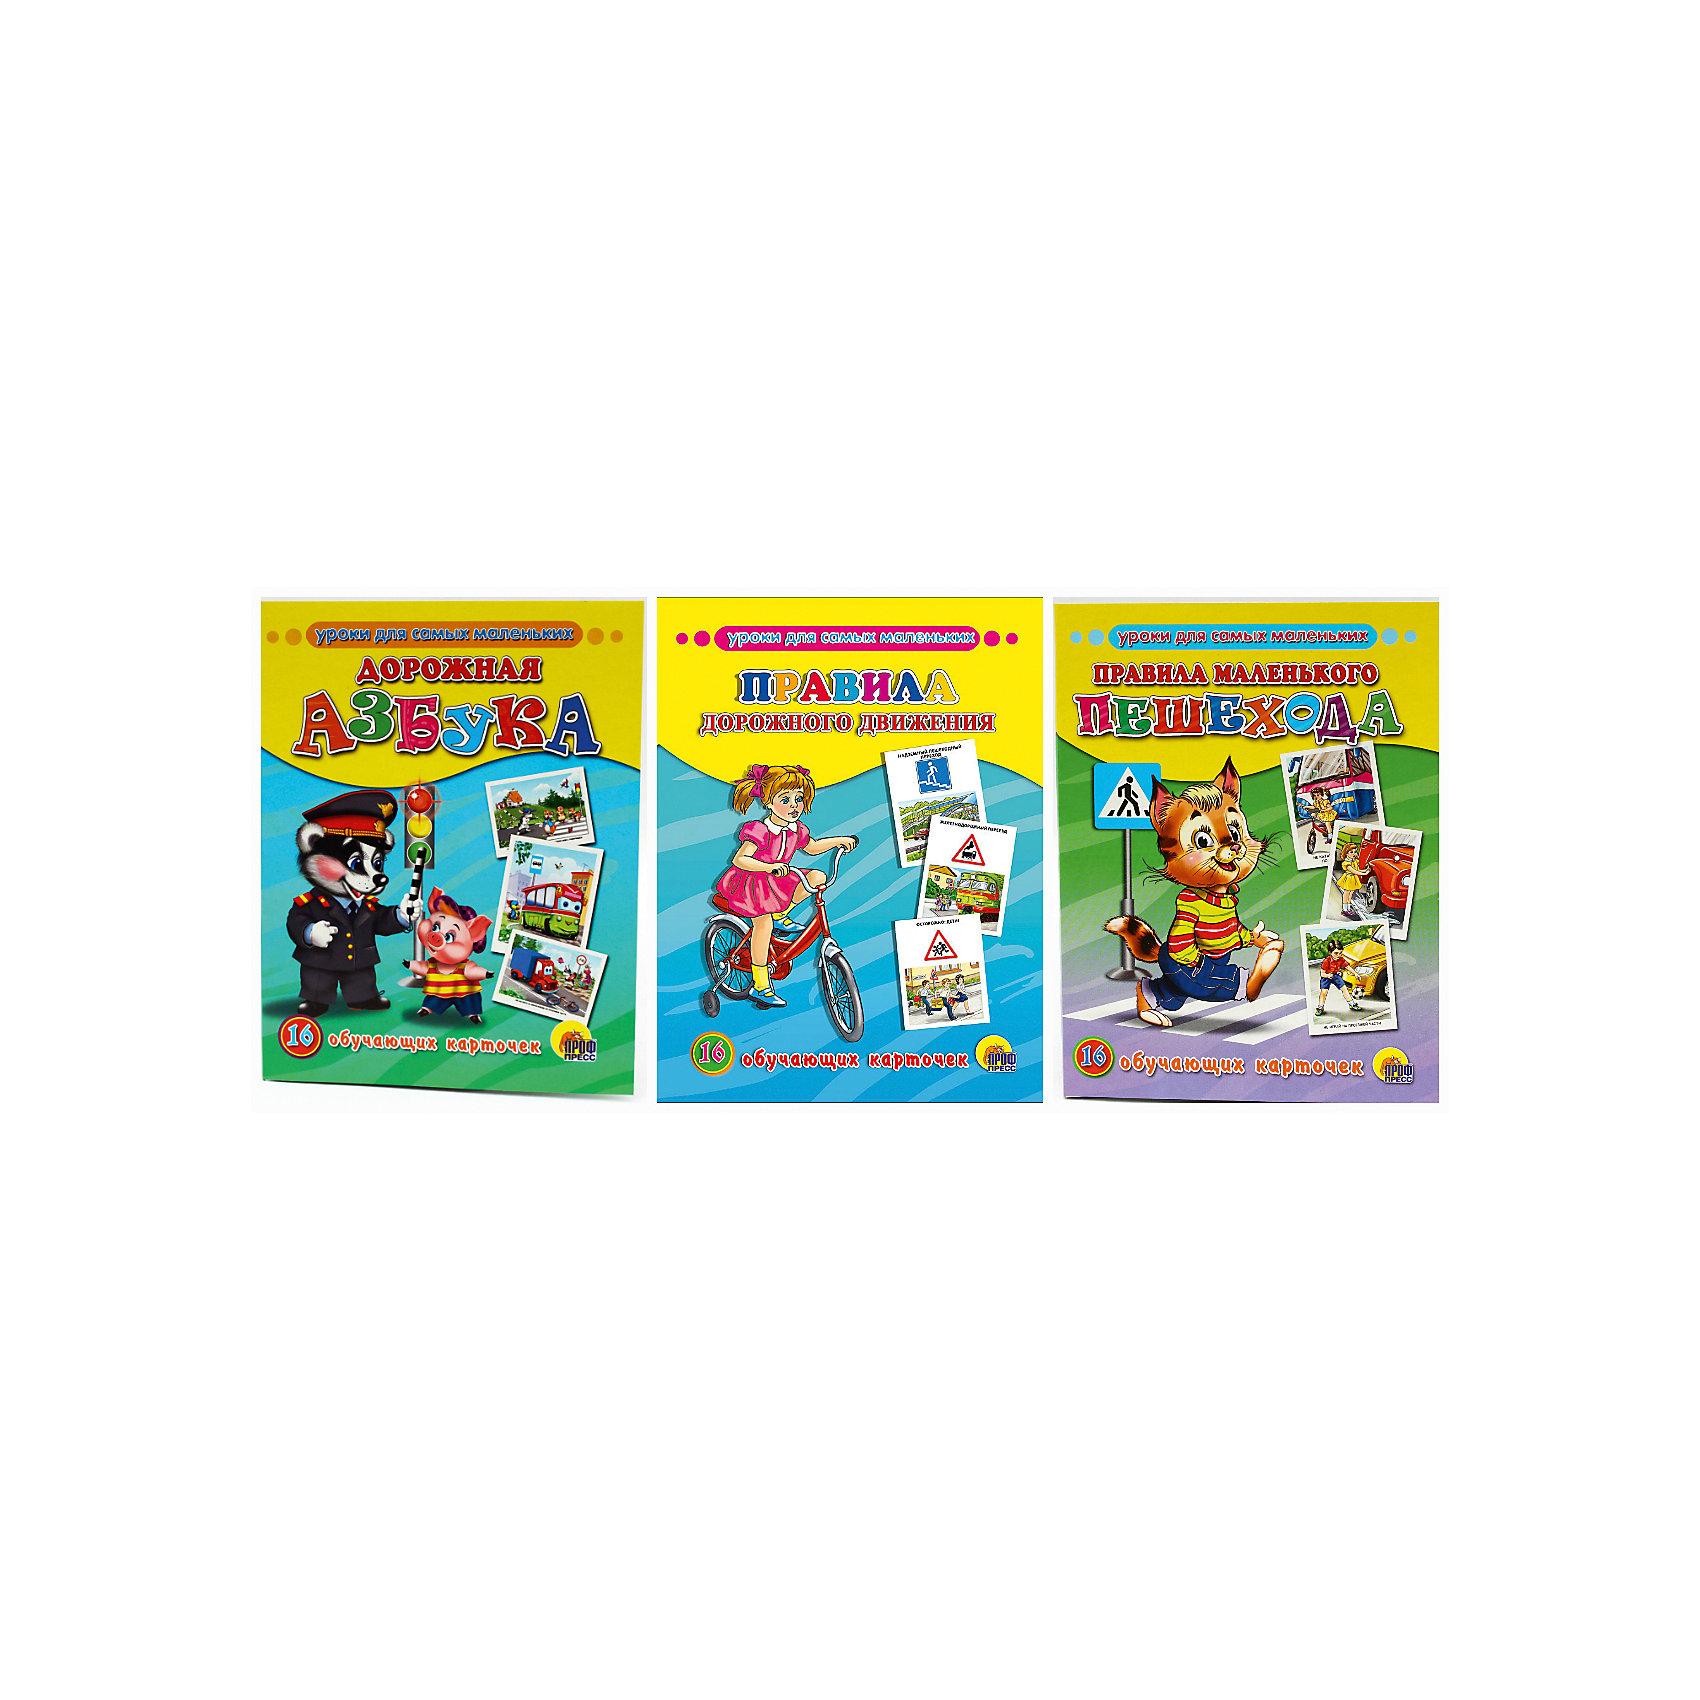 Комплект карточек «Уроки для самых маленьких»Обучающие карточки<br>Обучающие карточки серии «Уроки для самых маленьких» помогут ребёнку узнать много интересного об окружающем мире, его богатстве и многообразии. Каждый набор включает 16 карточек и посвящён определённой тематике. Благодаря данному набору ребёнок в познавательной и в то же время игровой форме узнает, как безопасно вести себя дома и на улице, как правильно поступать в той или иной ситуации, а также познакомится с телефонными номерами экстренных служб. Работа с карточками станет для малыша не только увлекательным занятием, но и начальным этапом подготовки к дальнейшему обучению в школе.<br><br>Ширина мм: 170<br>Глубина мм: 220<br>Высота мм: 18<br>Вес г: 491<br>Возраст от месяцев: 12<br>Возраст до месяцев: 36<br>Пол: Унисекс<br>Возраст: Детский<br>SKU: 6990121